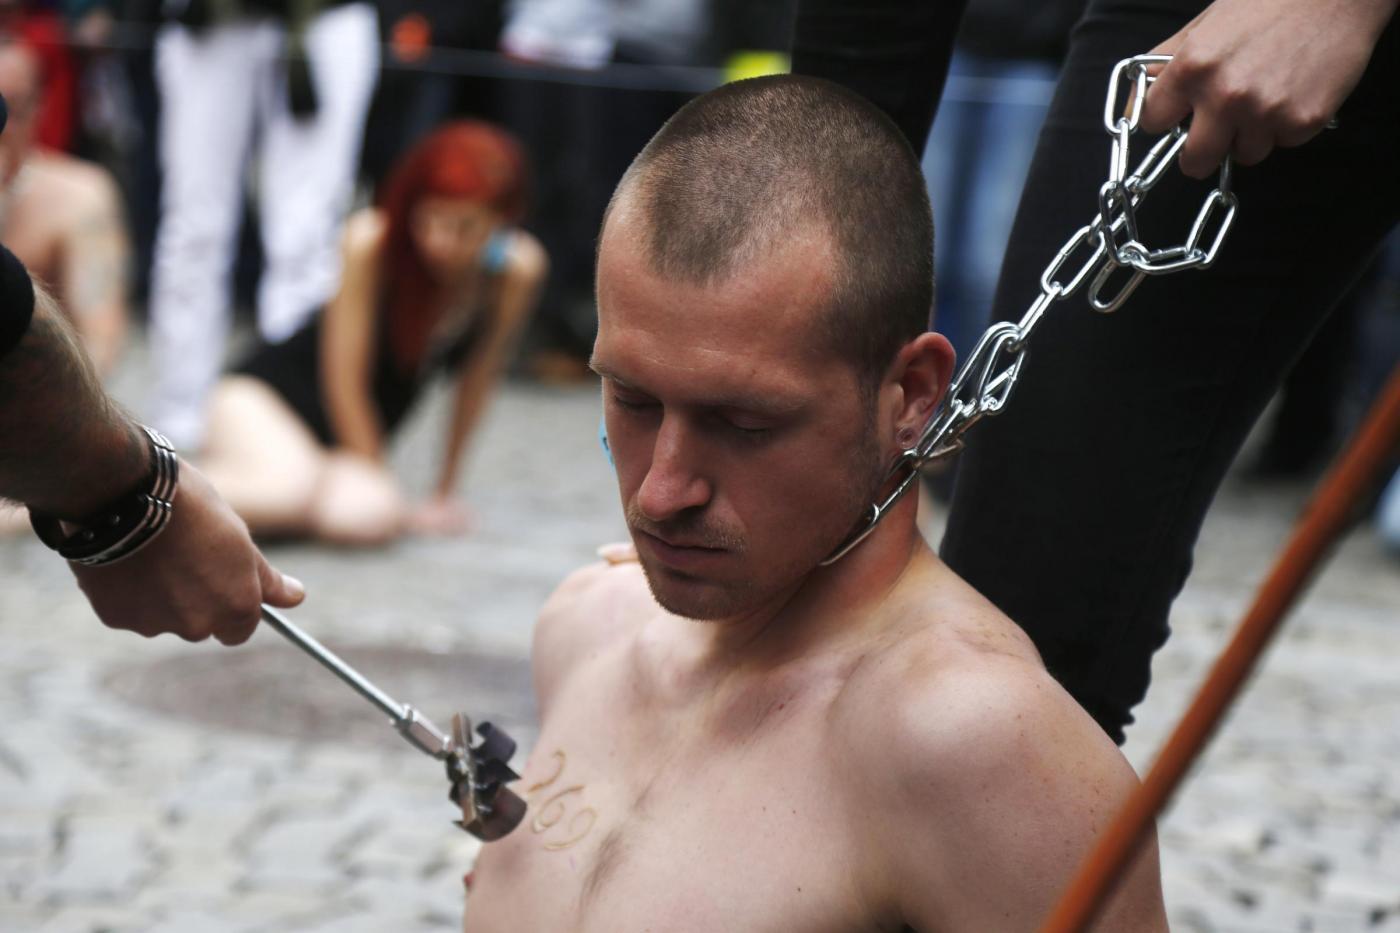 Praga, animalisti si fanno marchiare a fuoco per protesta06